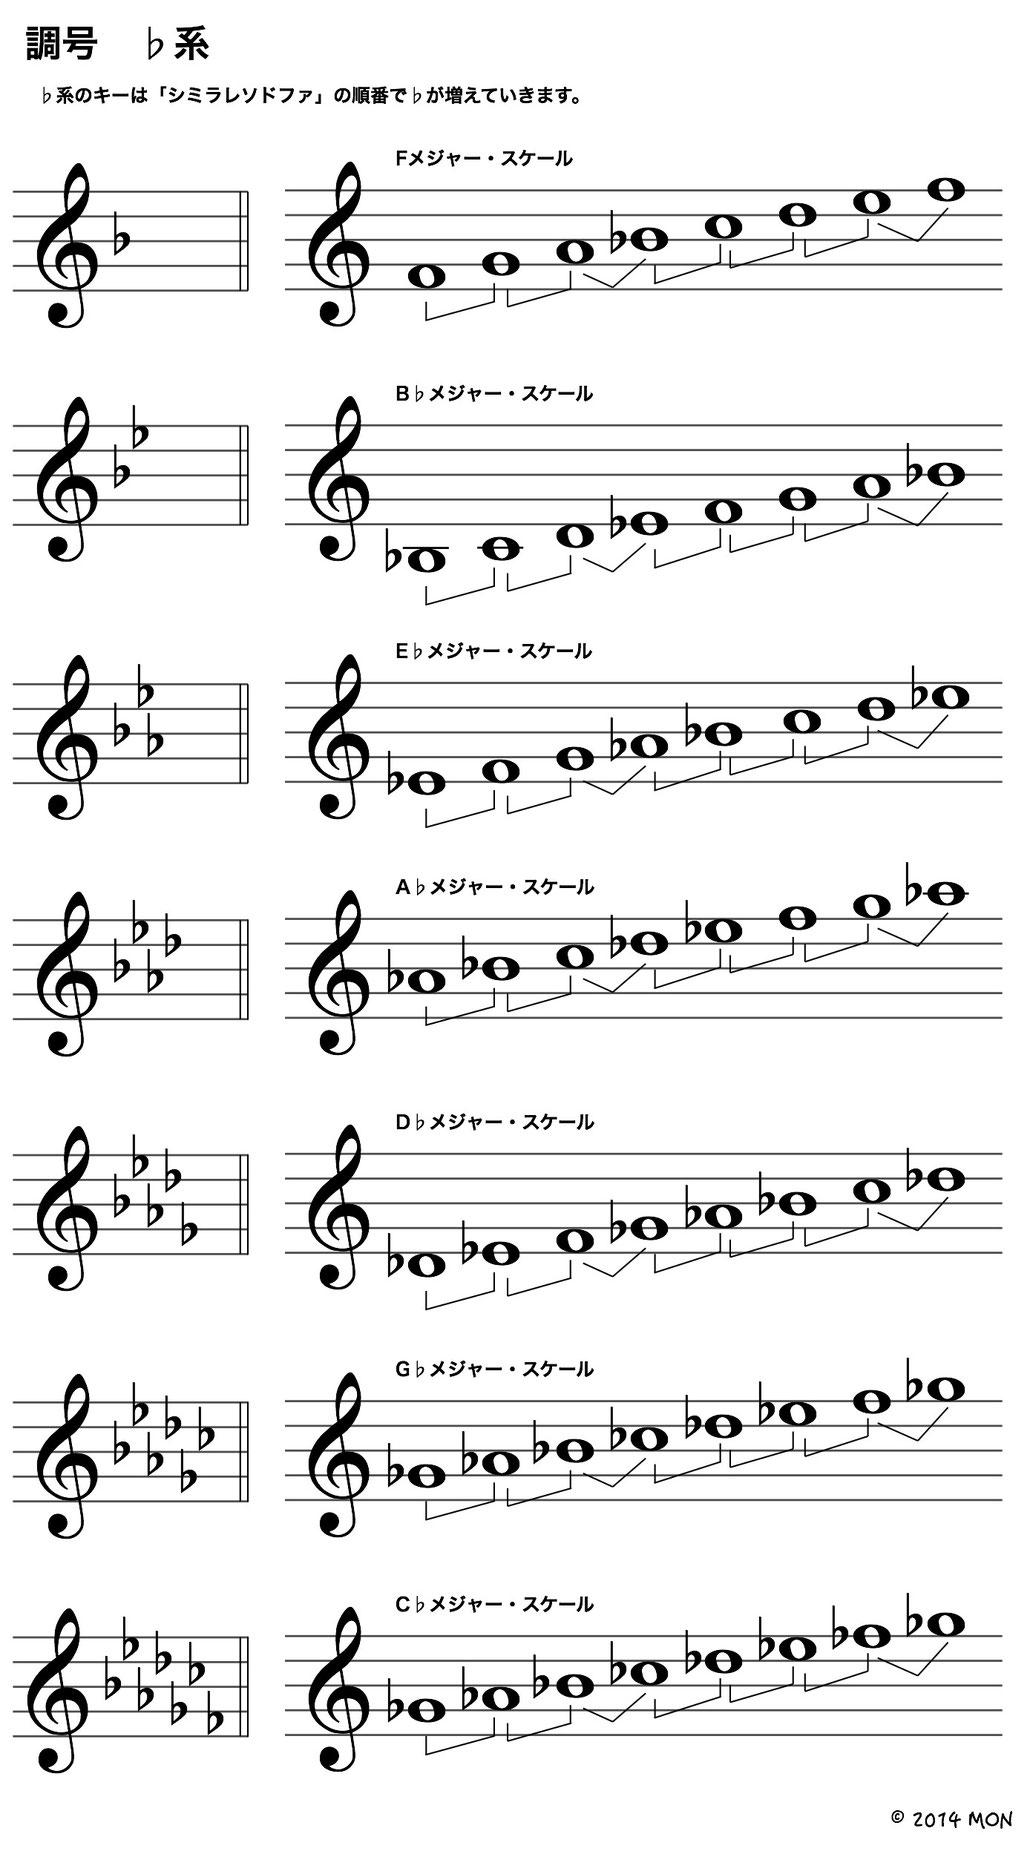 ♭系のキー